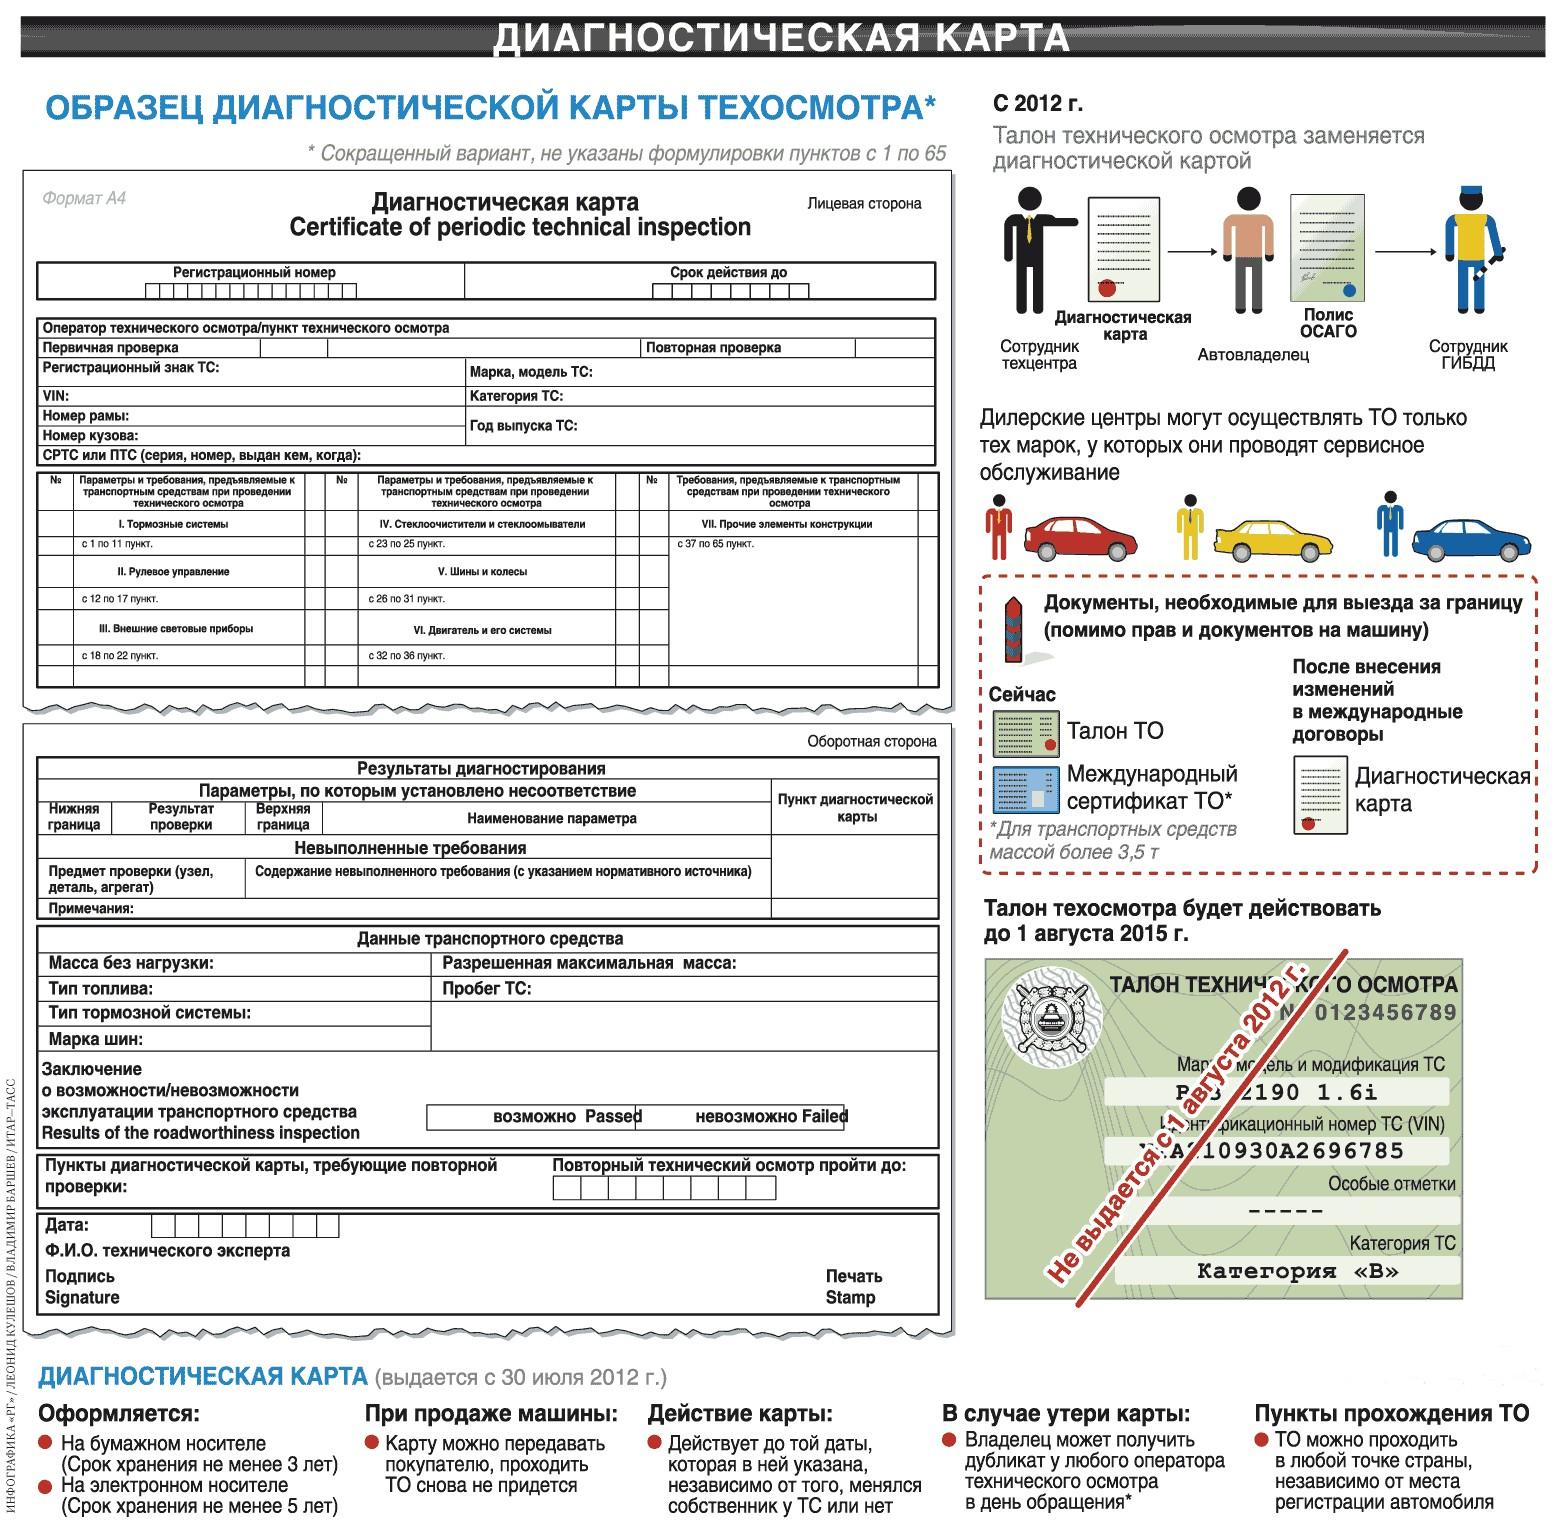 Покупка ОСАГО без диагностической карты: возможность и последствия